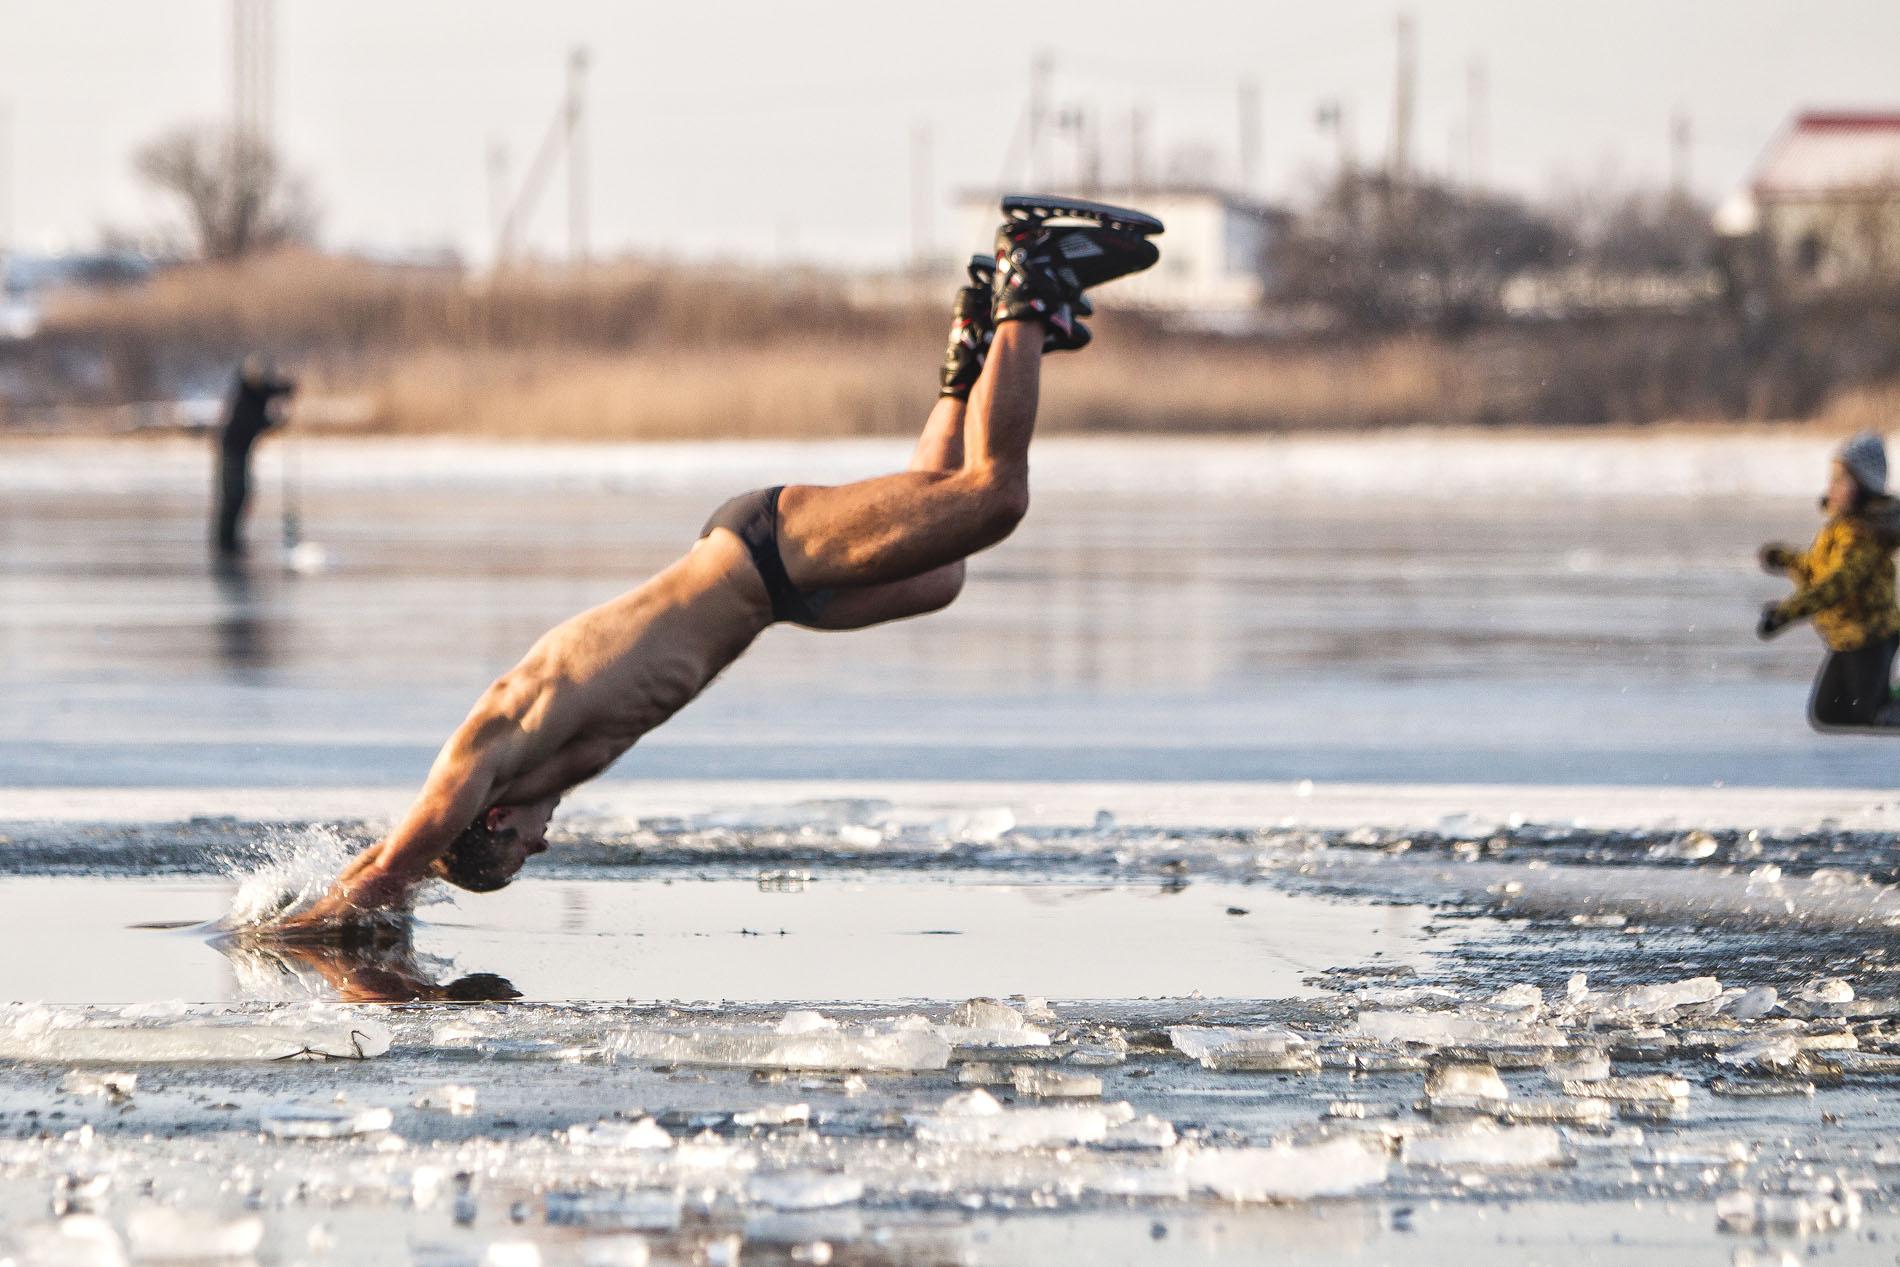 Я не художник, я репортёр. Фото Александра Подгорчука для PREGEL.INFO